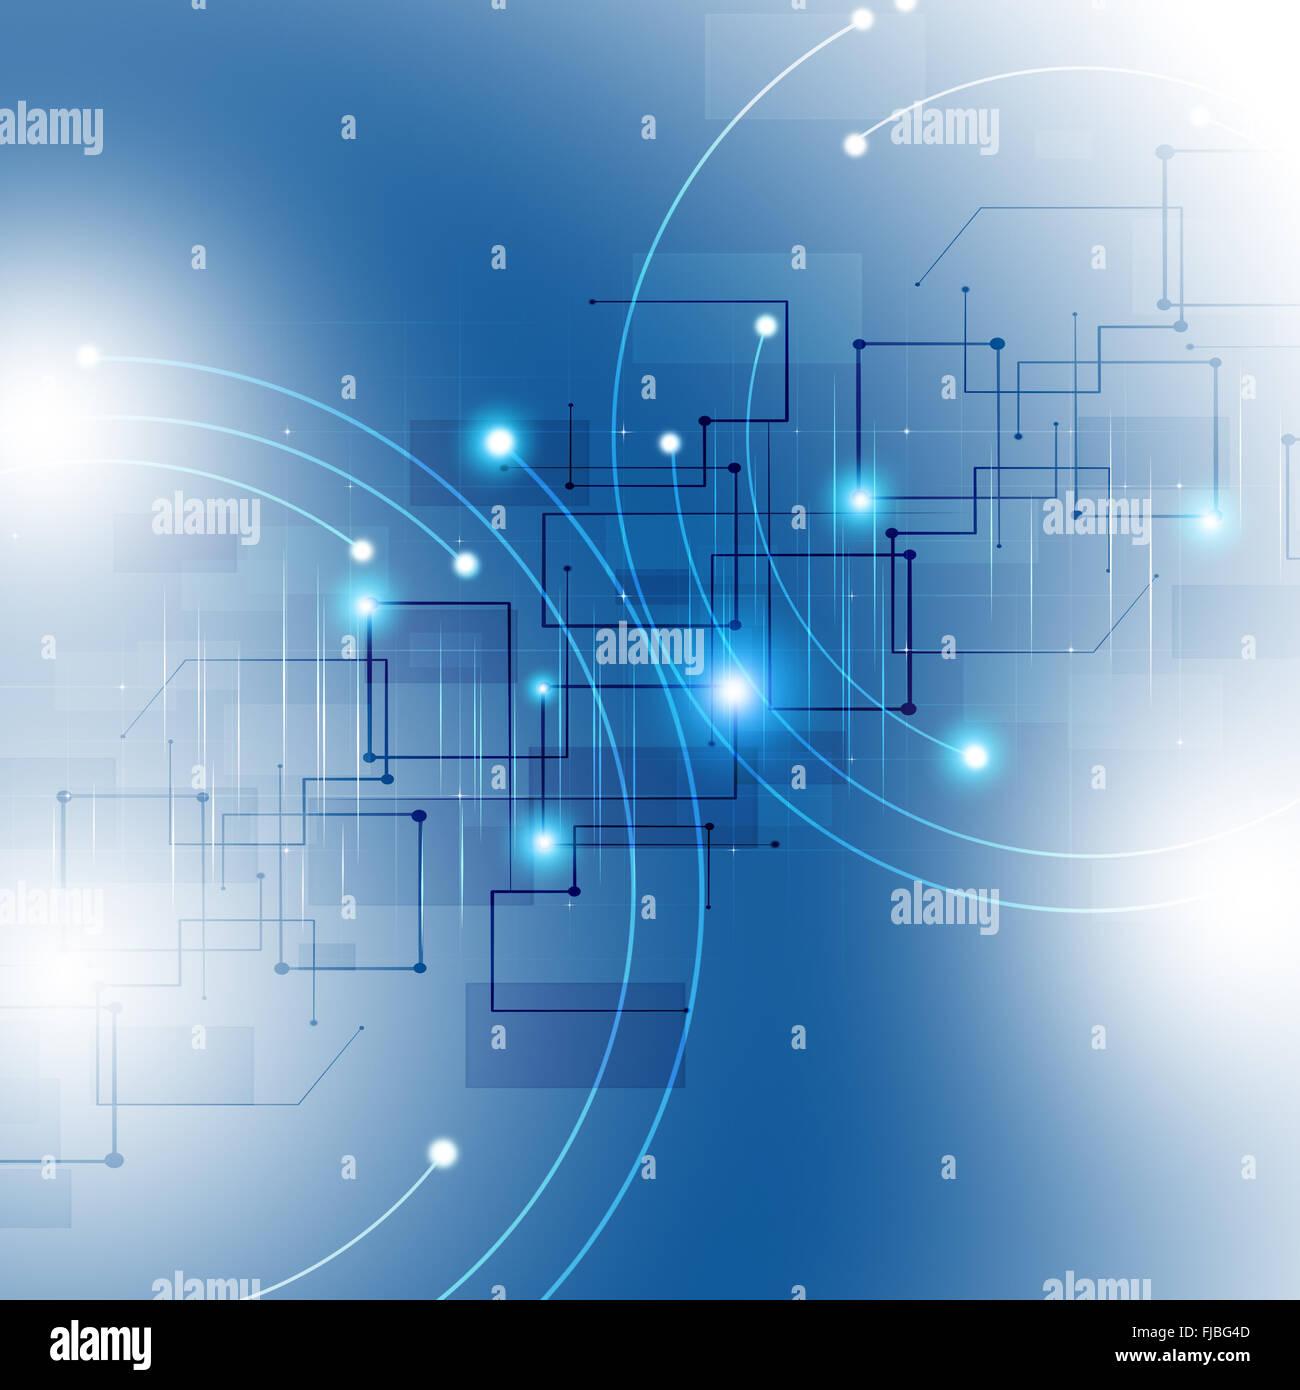 abstrakte Technologie globales Netzwerk Verbindung blau Hintergrund Stockbild